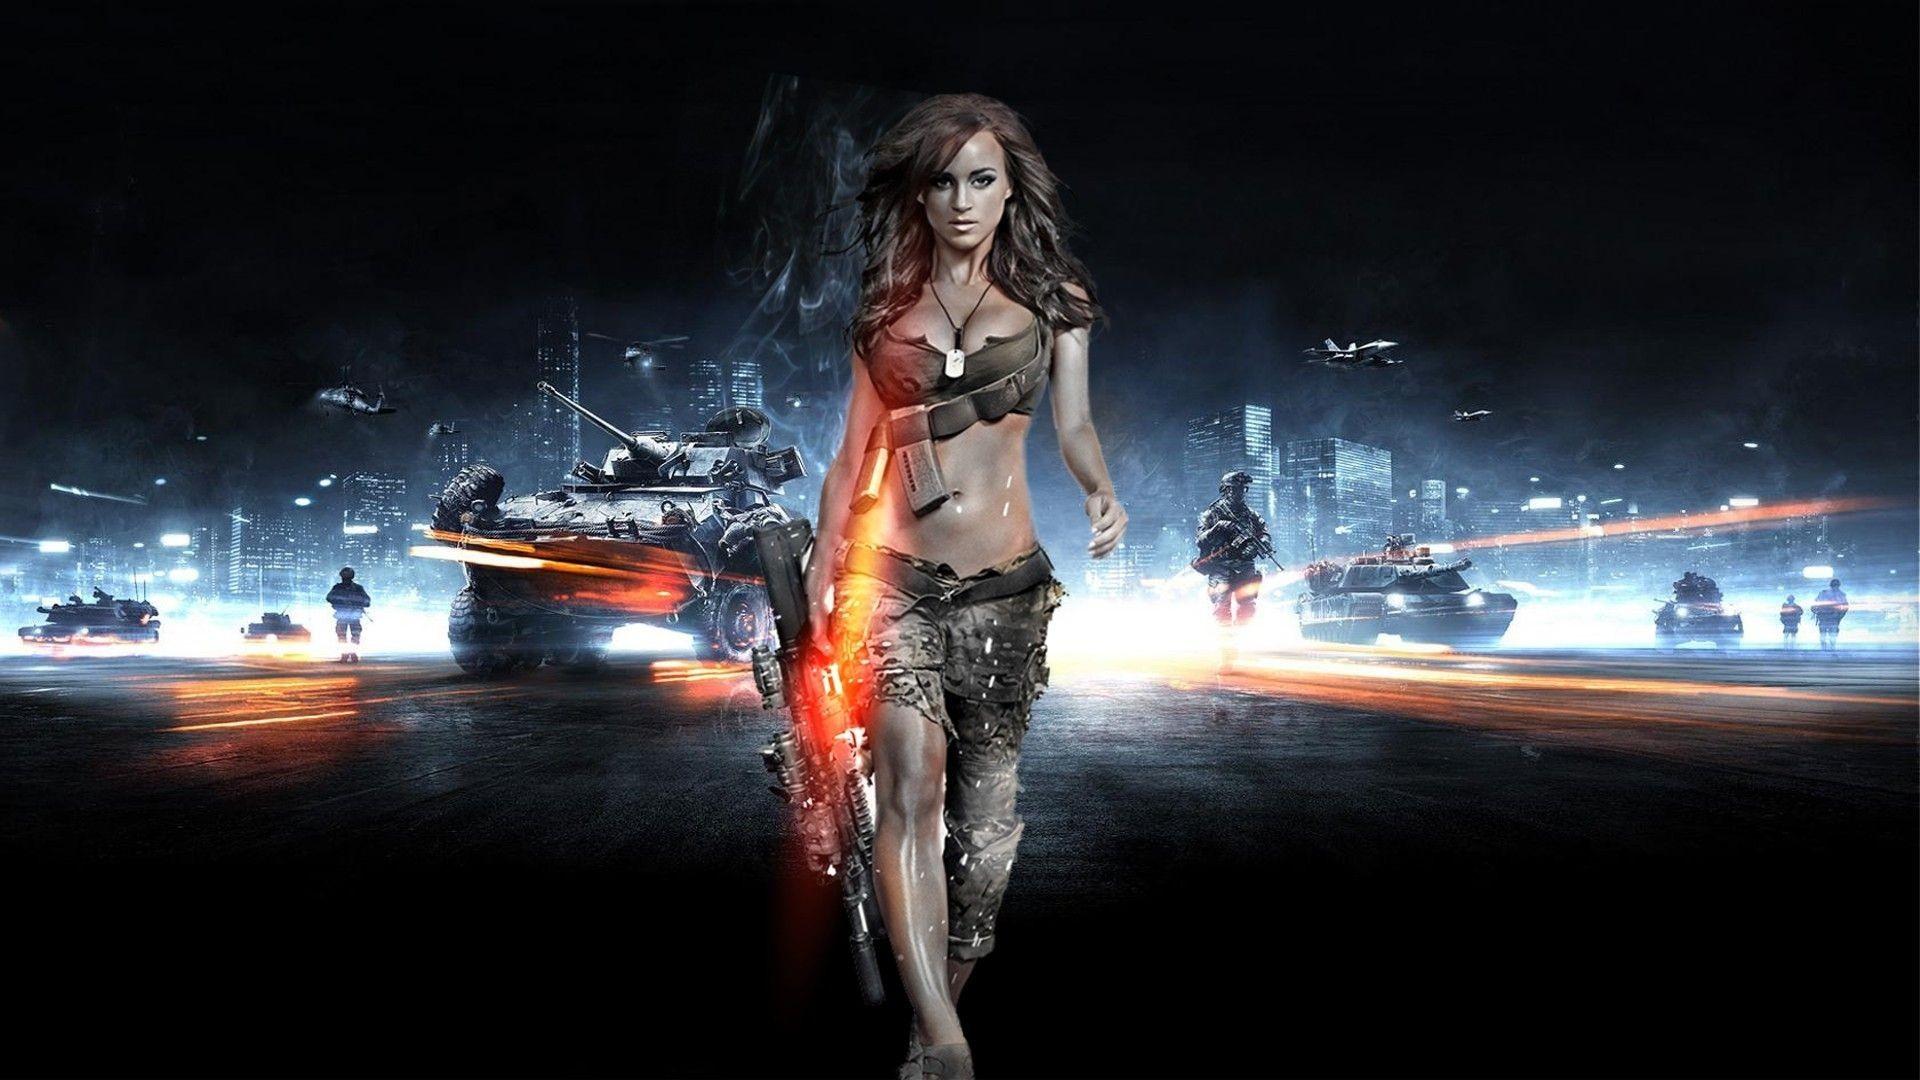 Res: 1920x1080, People  Rosie Jones Battlefield 3 gun video games Photoshop girls  with guns